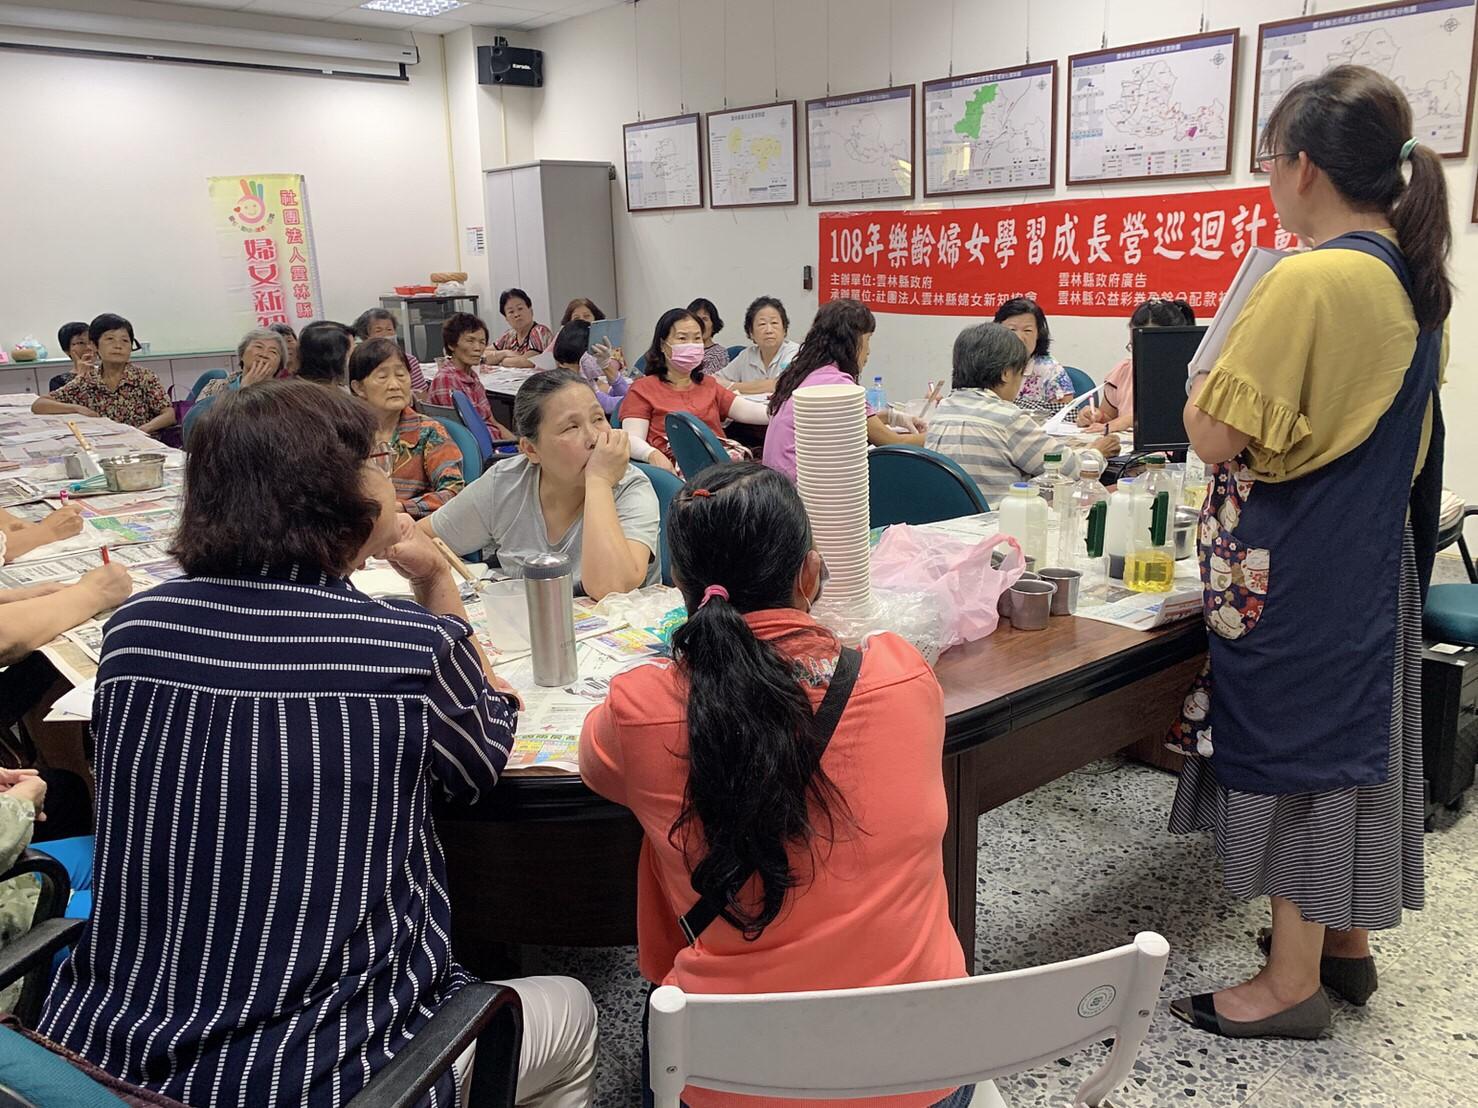 樂齡婦女學習成長營第3場108.9.3(古坑鄕)_190904_0002